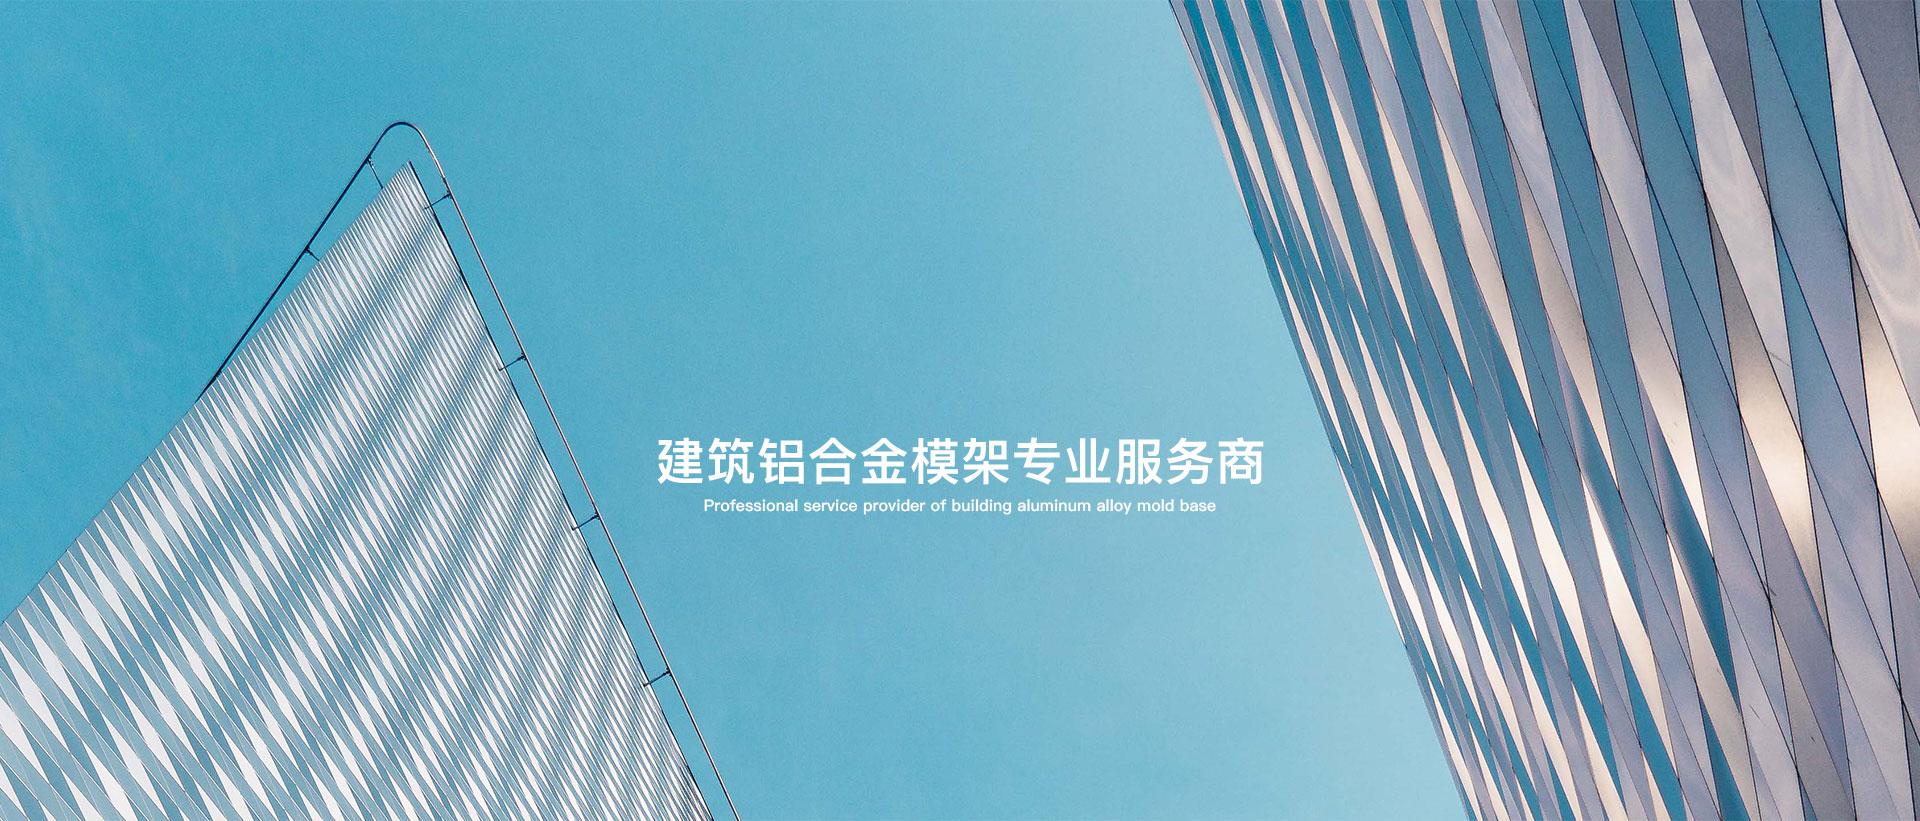 建筑鋁合金模架專業服務商